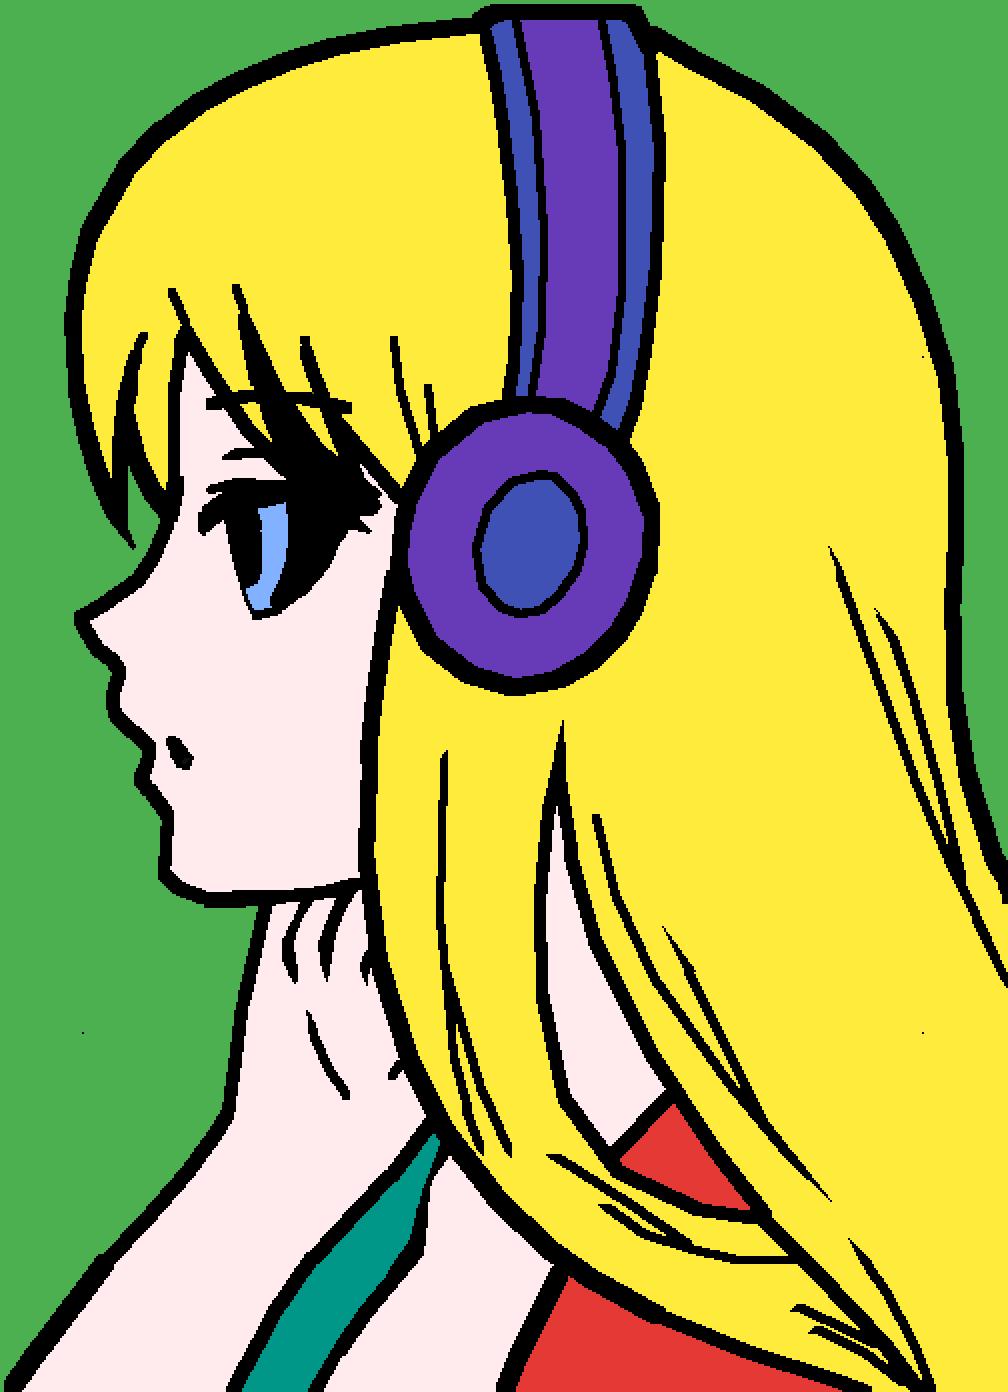 blondie by redflamewolf